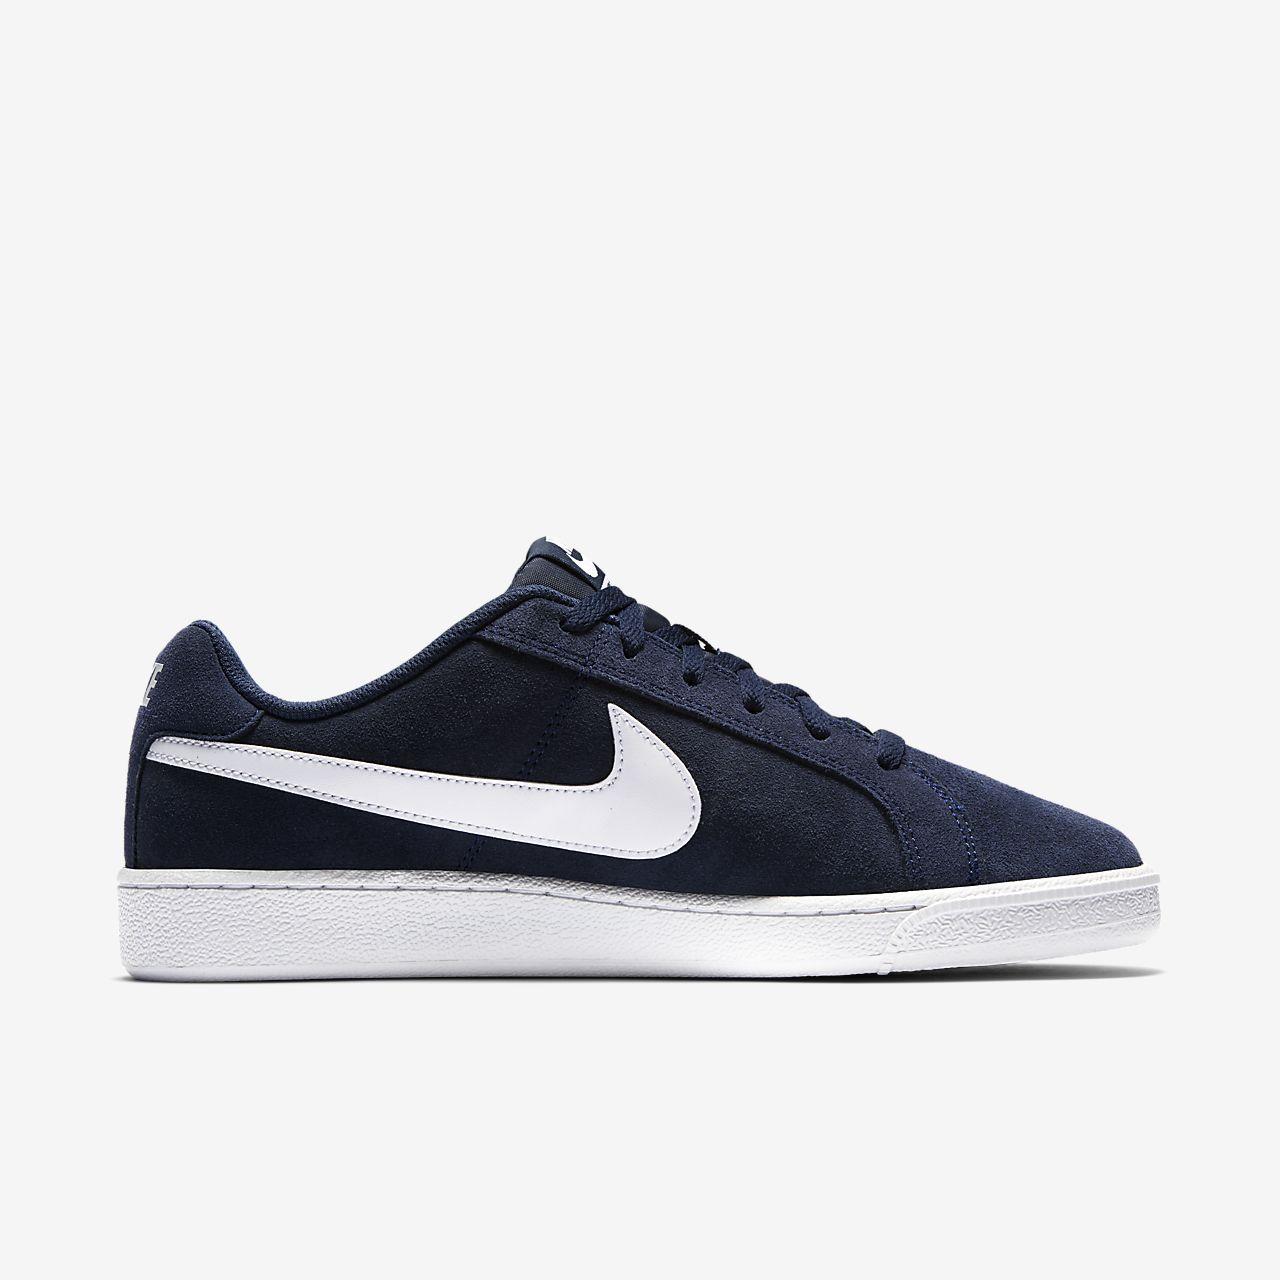 De HommeFr Pour Chaussure Nikecourt Tennis Royale hrCxsdtQ